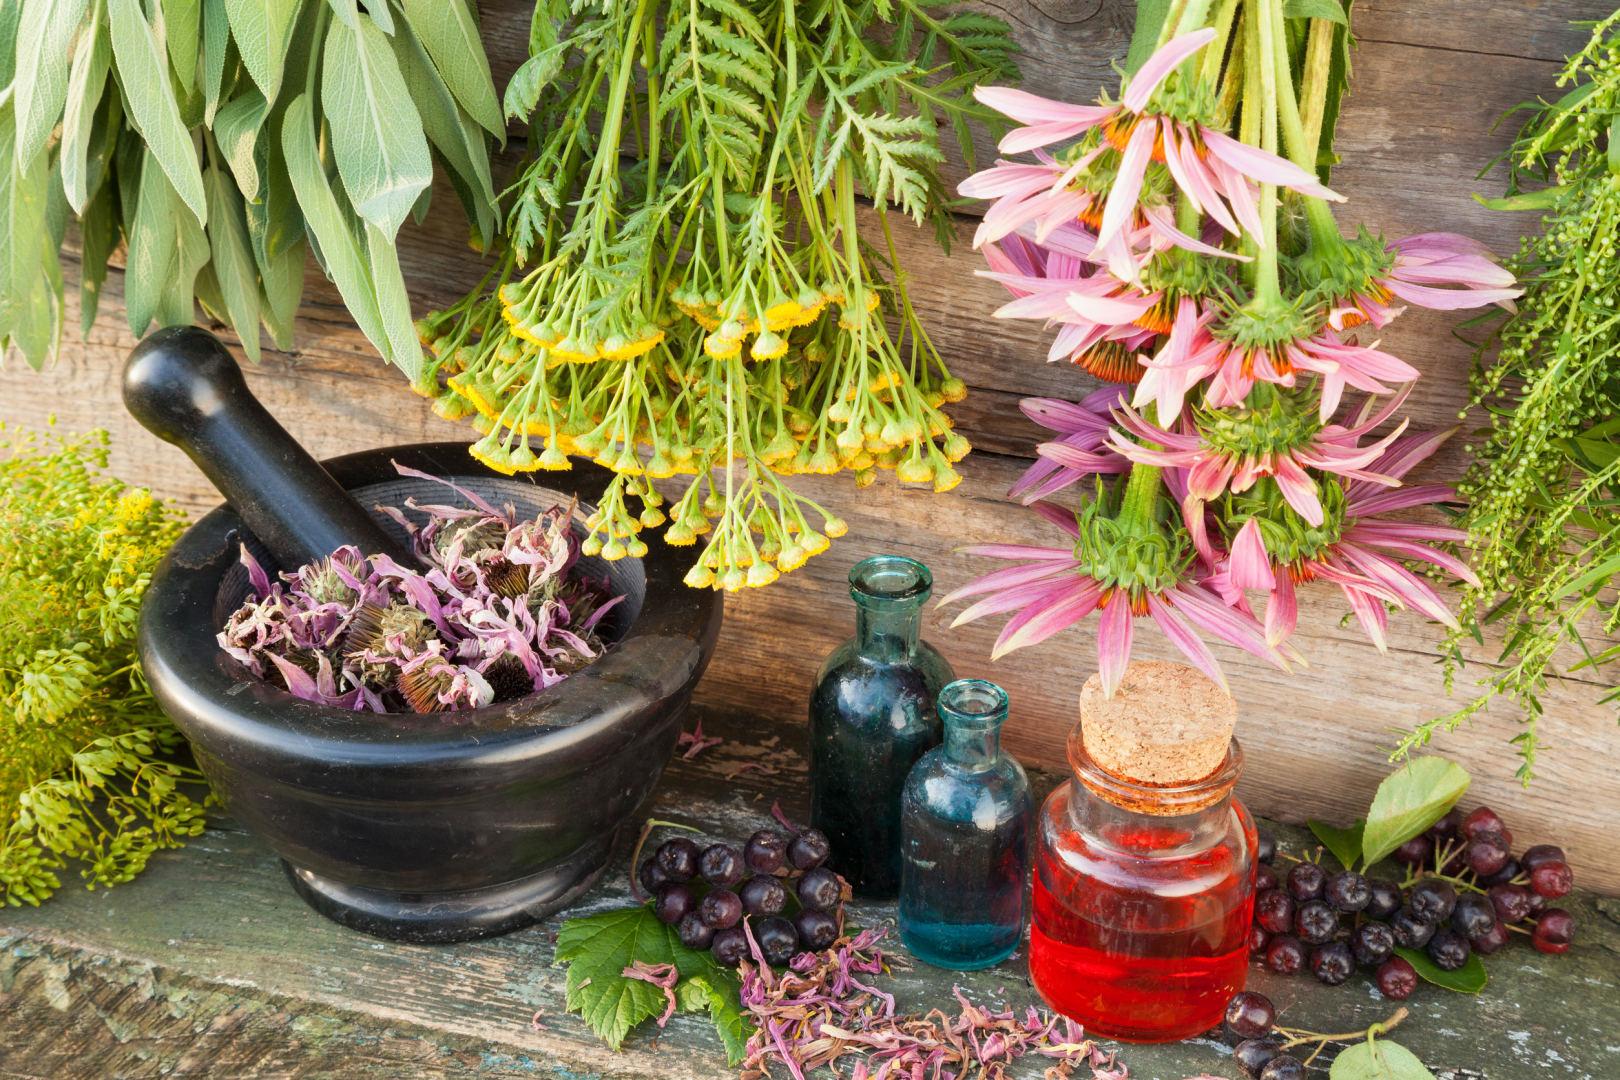 augalai, vartojami hipertenzijai gydyti